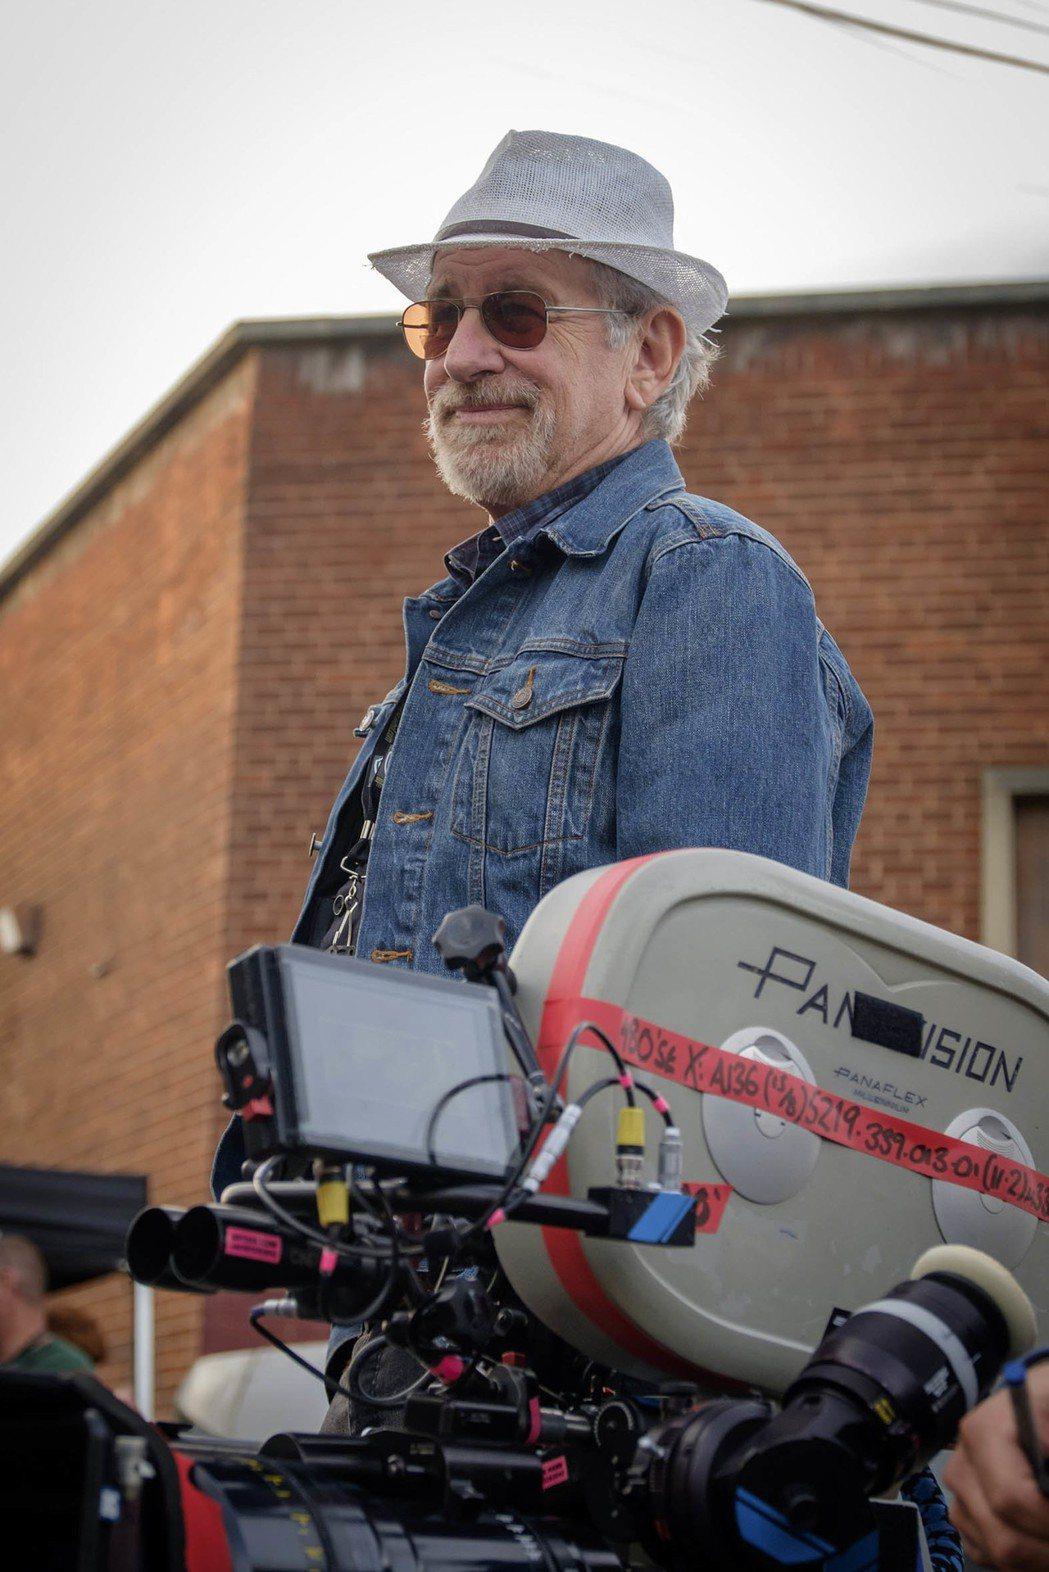 史蒂芬史匹柏執導「一級玩家」,視覺效果驚人。圖/華納兄弟提供